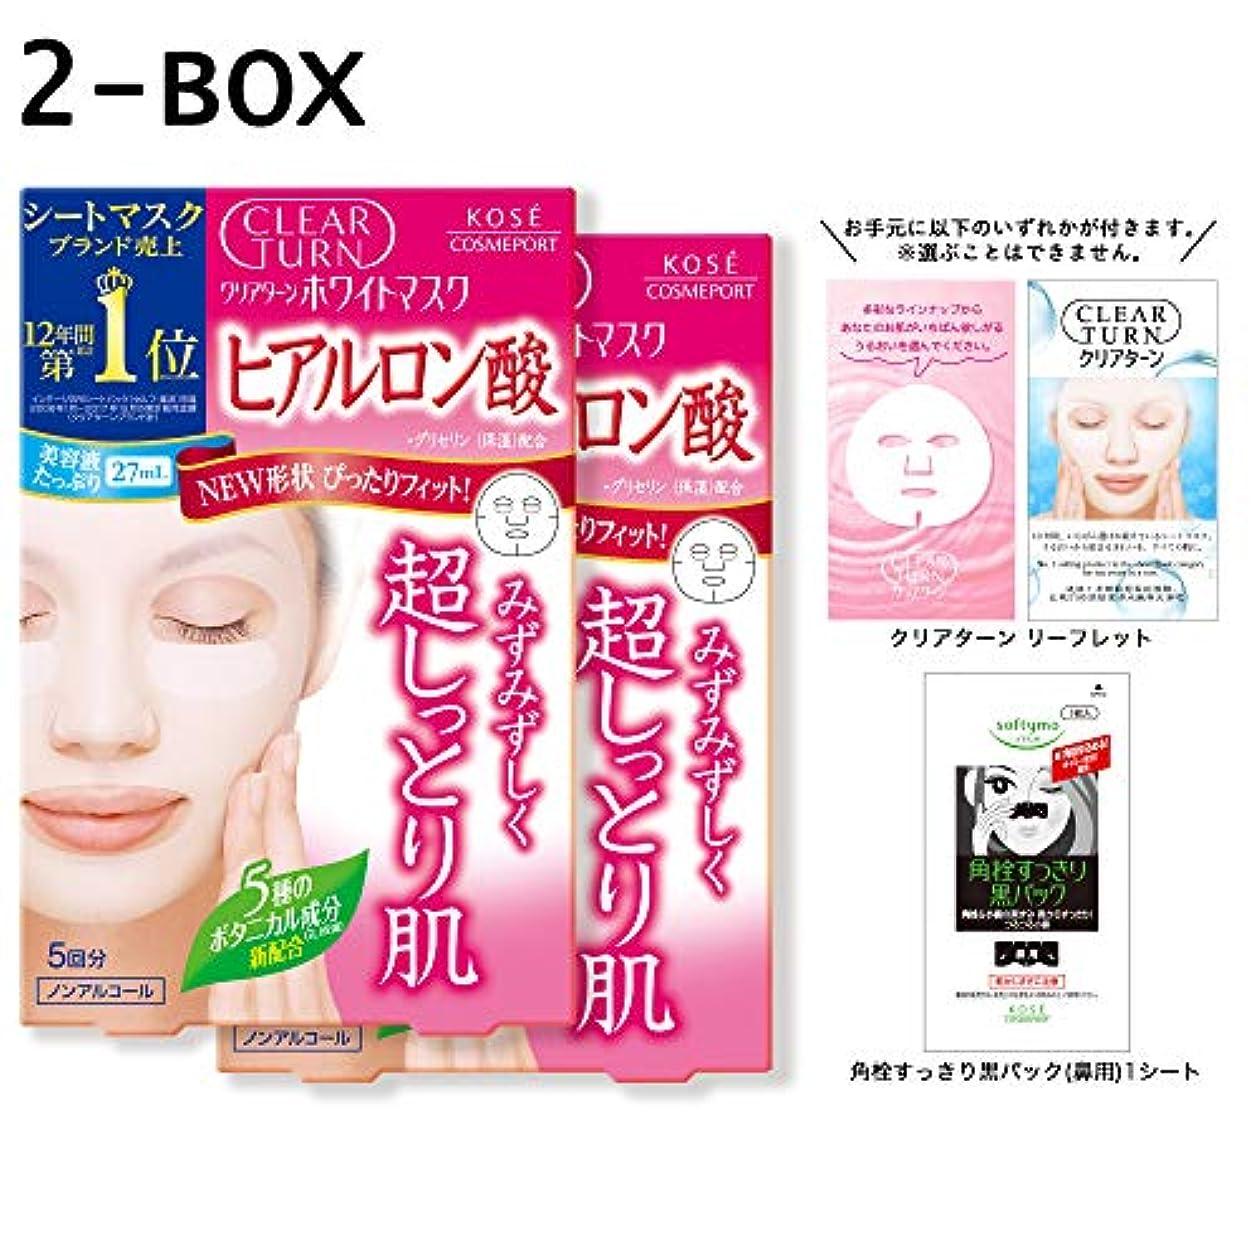 お祝いかび臭い十年【Amazon.co.jp限定】KOSE クリアターン ホワイト マスク HA (ヒアルロン酸) 5回分 2P+おまけ付 フェイスマスク